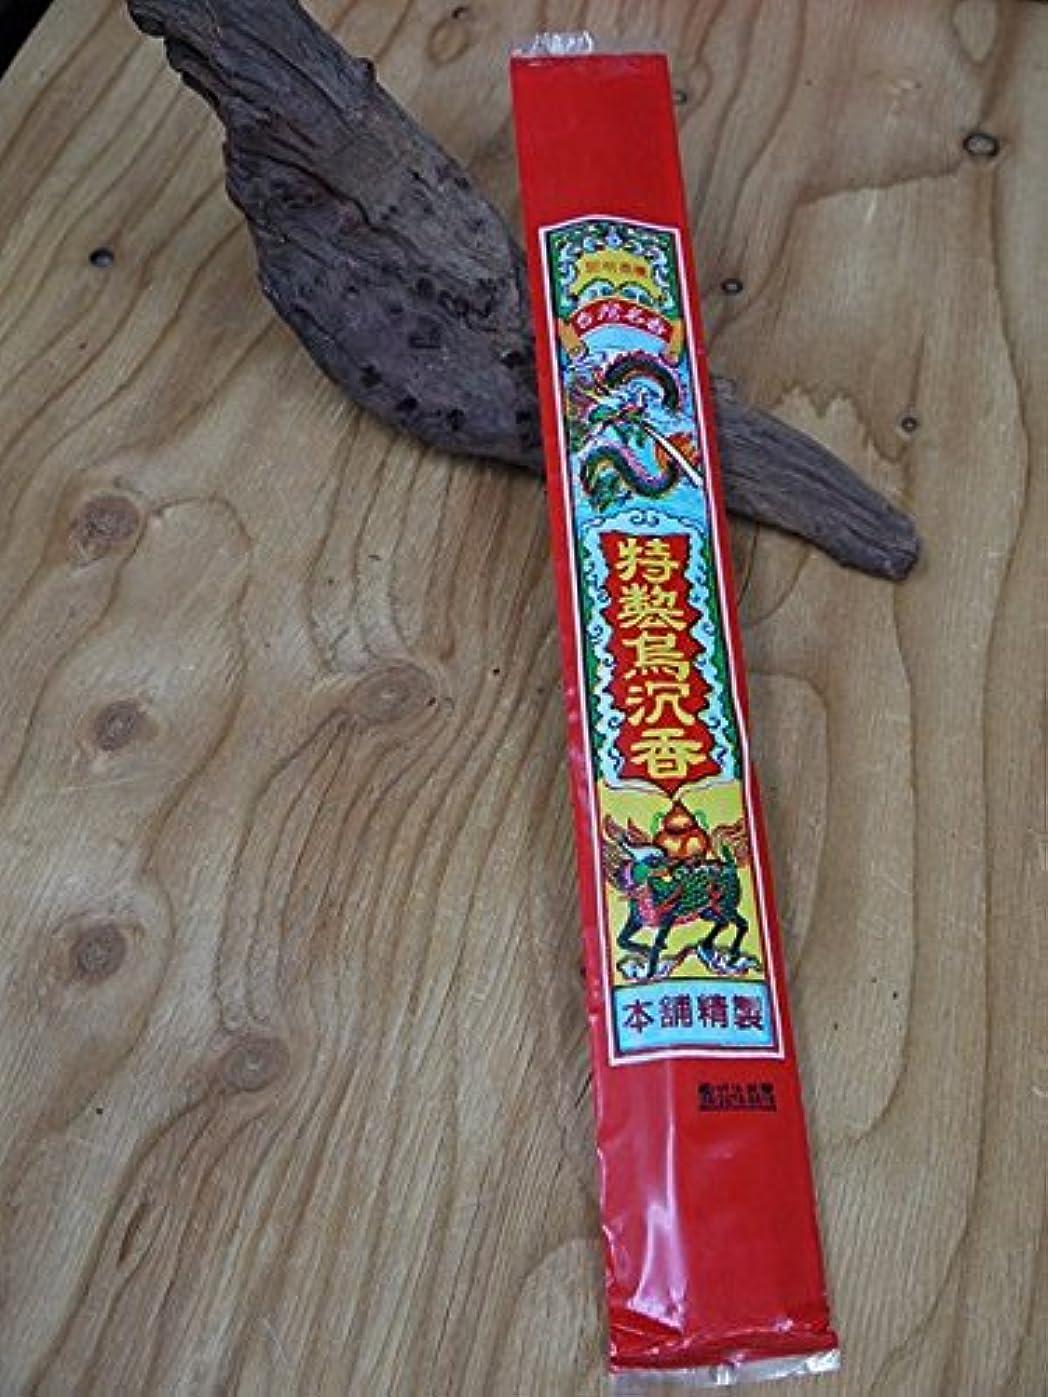 アプローチ伝える学校教育特製鳥沈香 台湾のお香「特製鳥沈香」お寺などに供えるポピュラーなお香